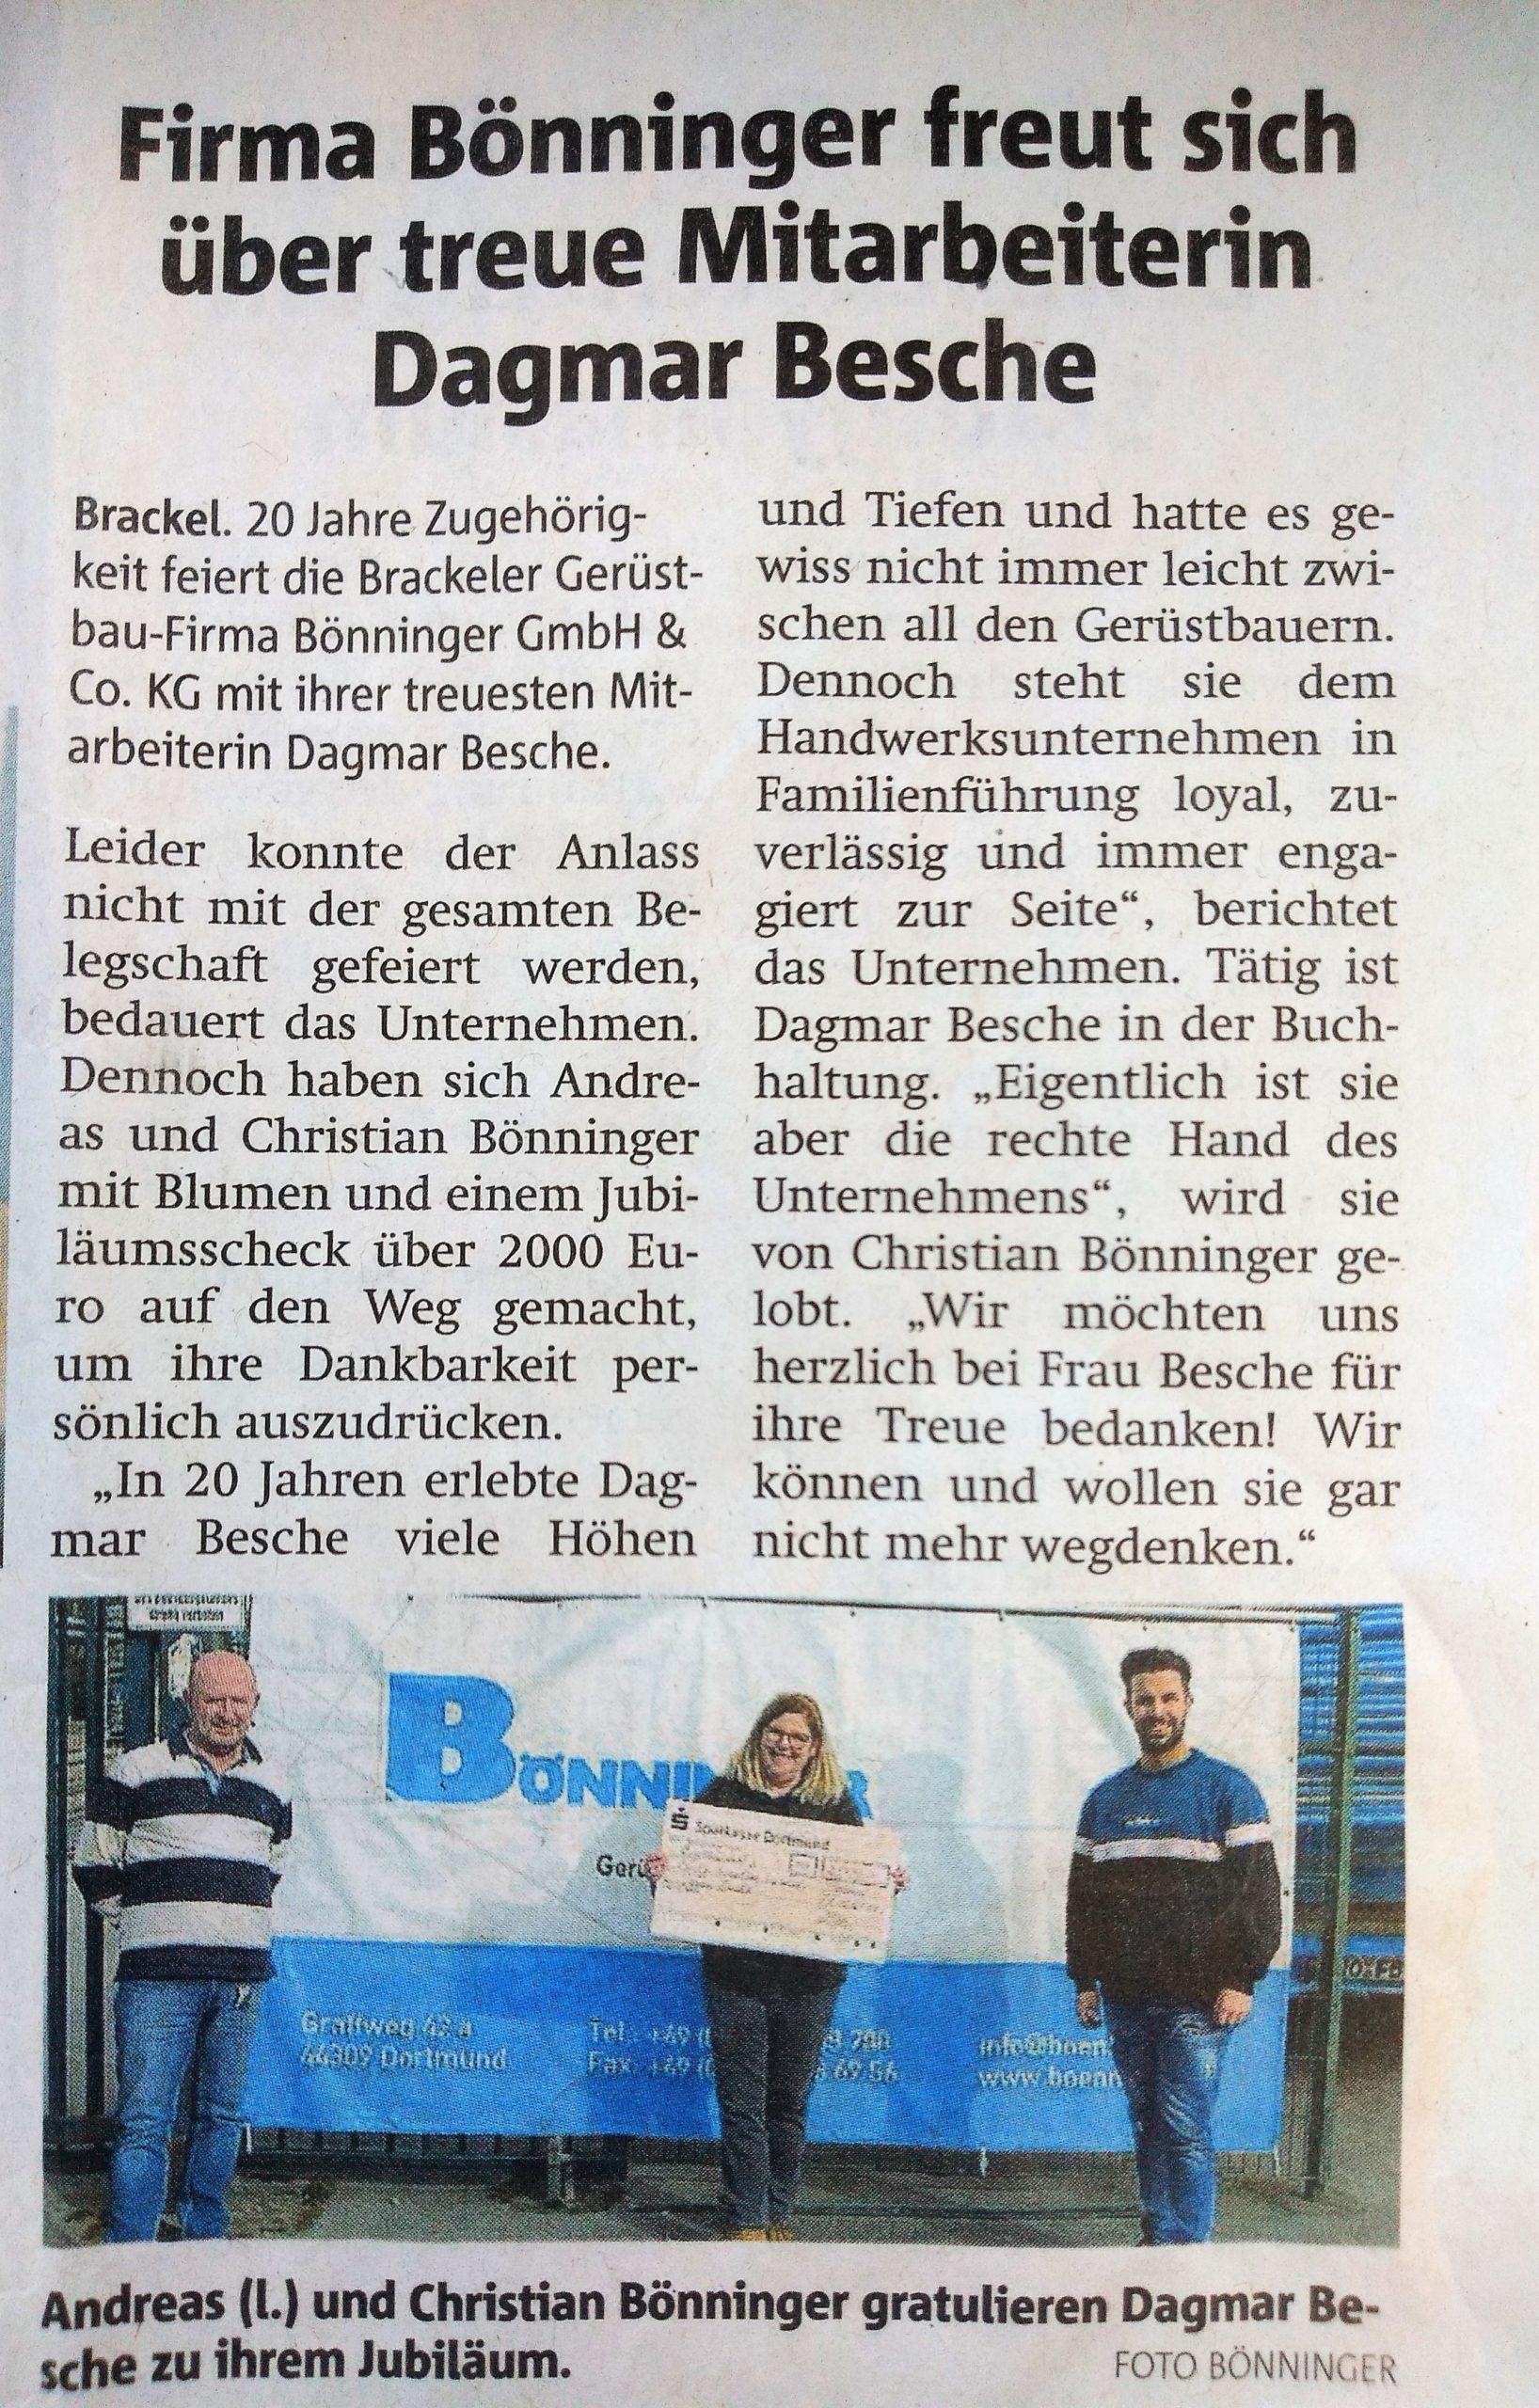 Gerüstbau Bönninger – Dagmar Besche Dortmund Mitarbeiterin